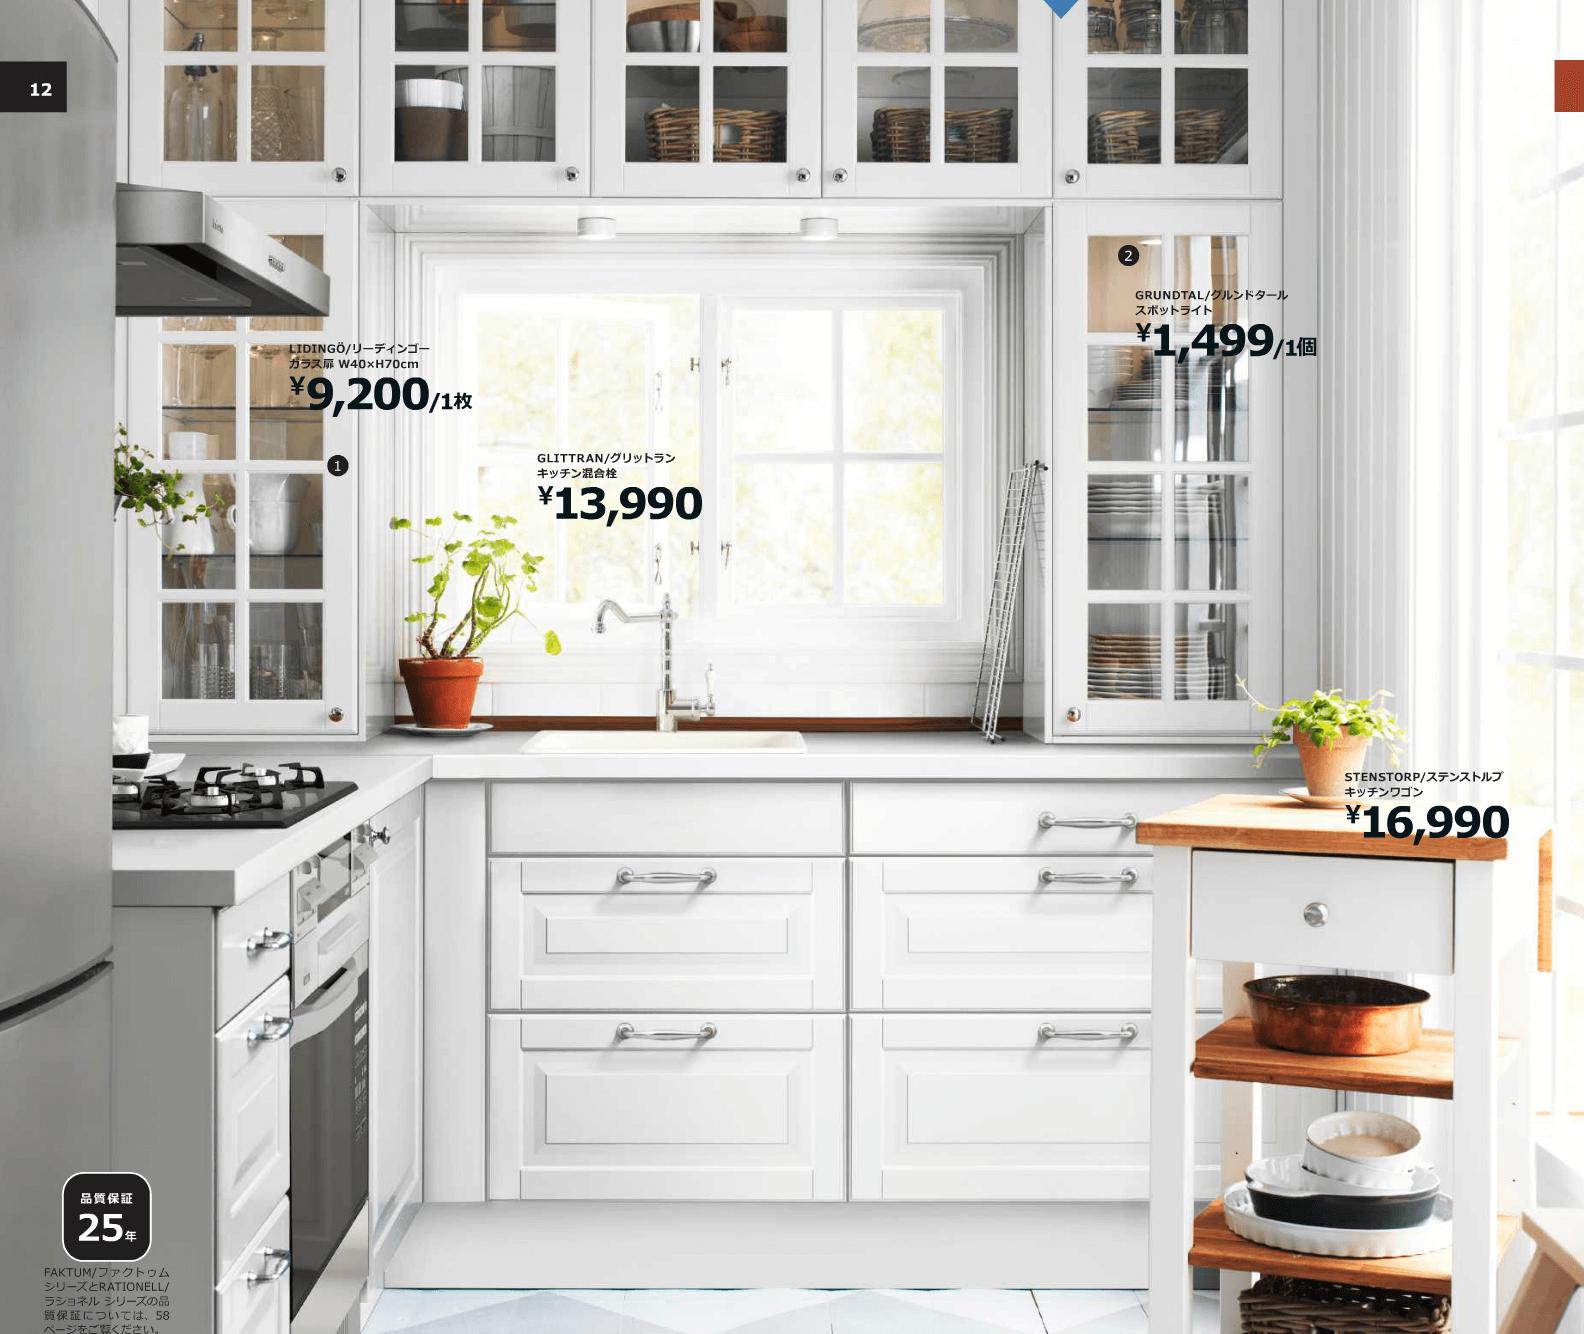 キッチン ikeaキッチン収納 : キッチン】IKEAのキッチン ...